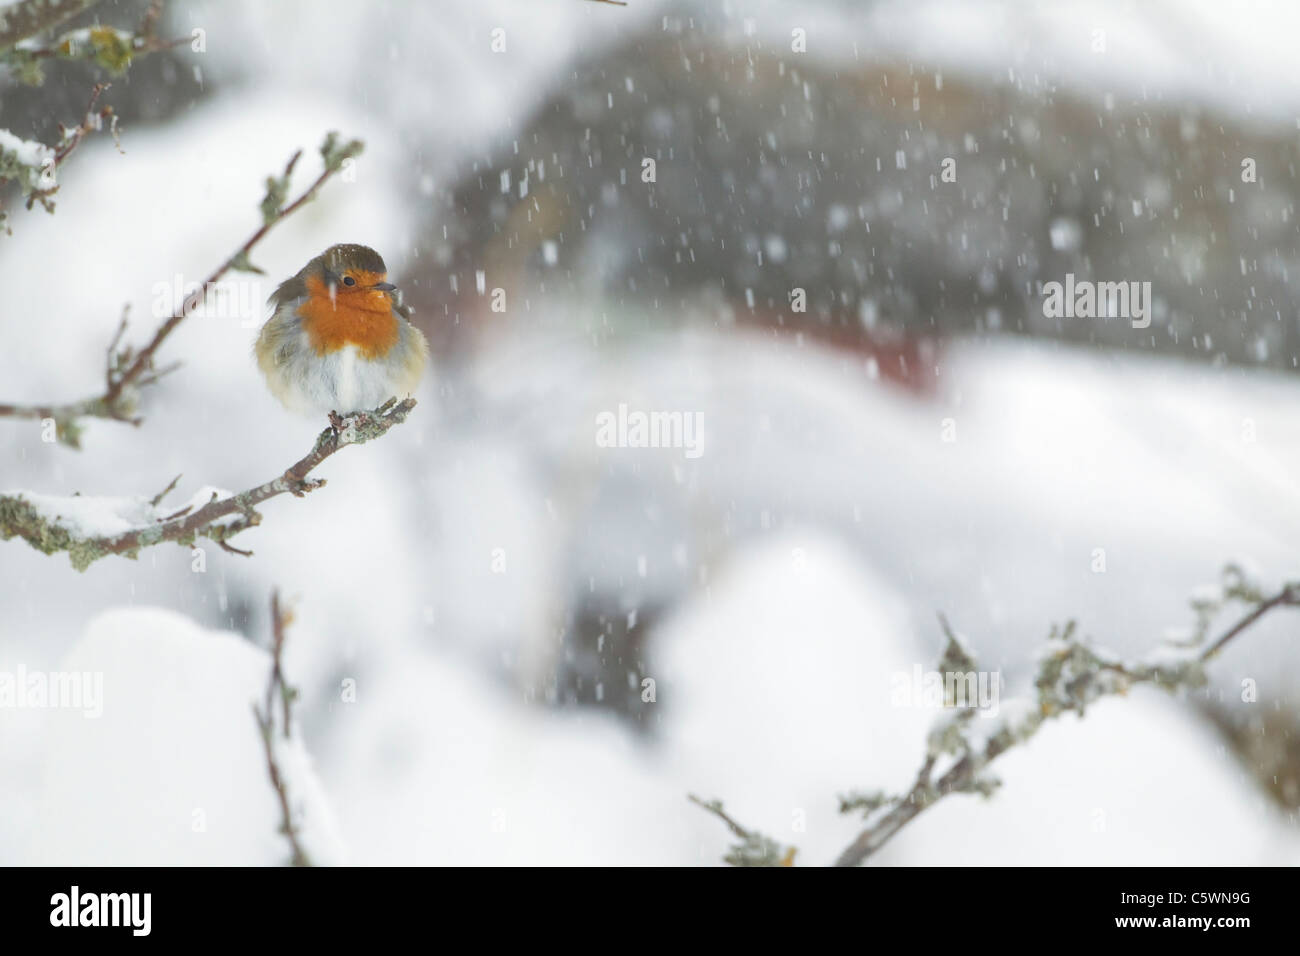 Puffed Bird Snow Stock Photos & Puffed Bird Snow Stock Images - Alamy